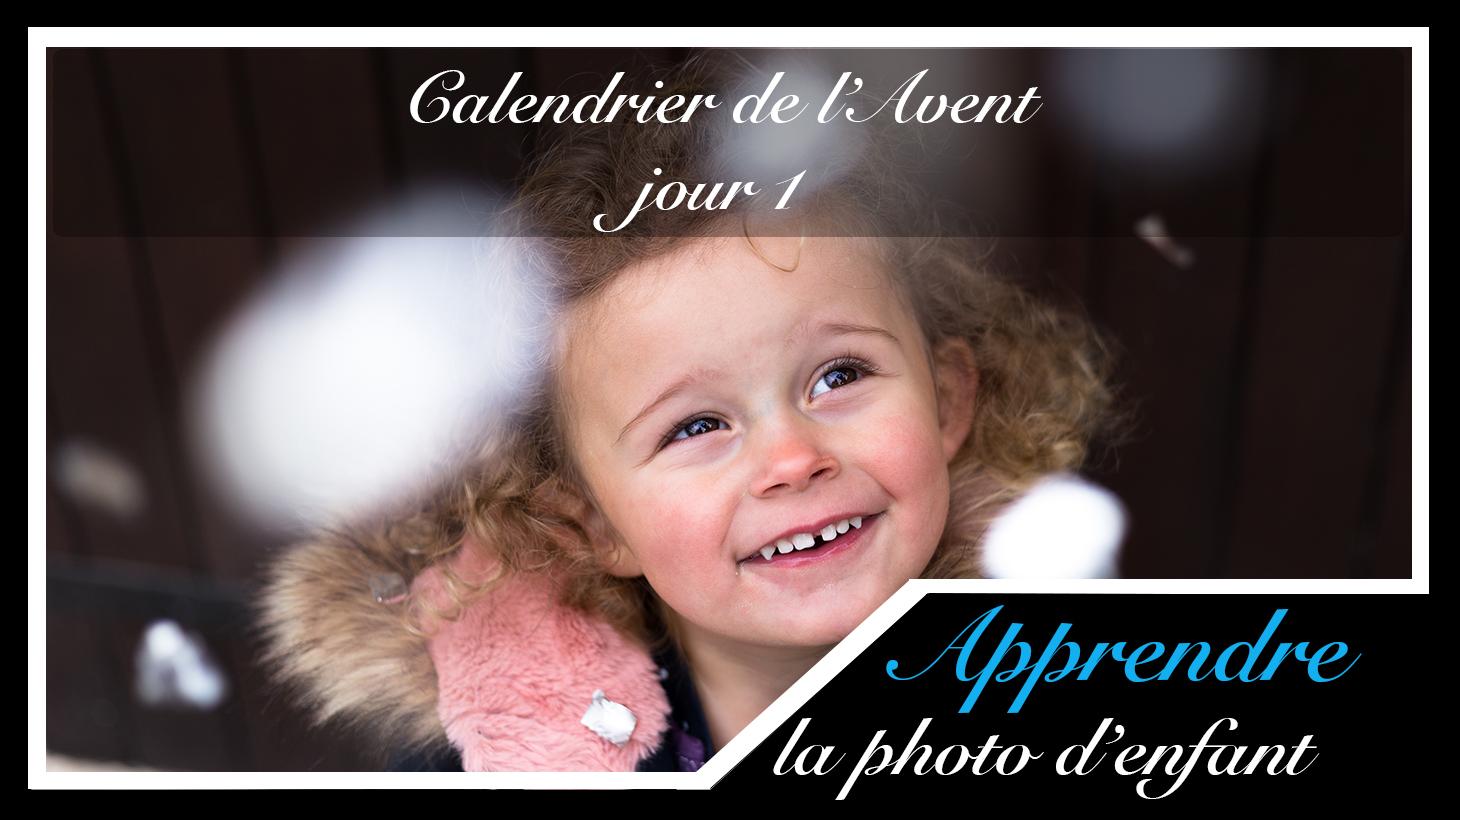 Jour 1 – Calendrier de l'Avent spécial Photo d'enfant 2017